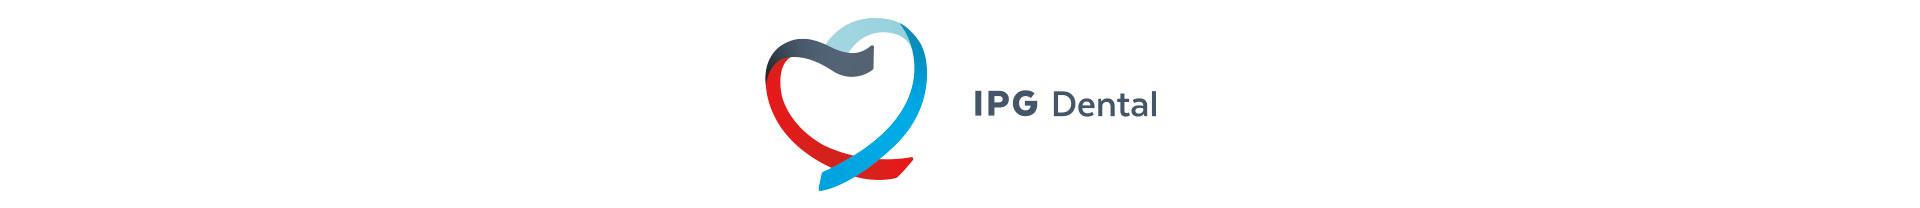 ipg-dental-logotipo